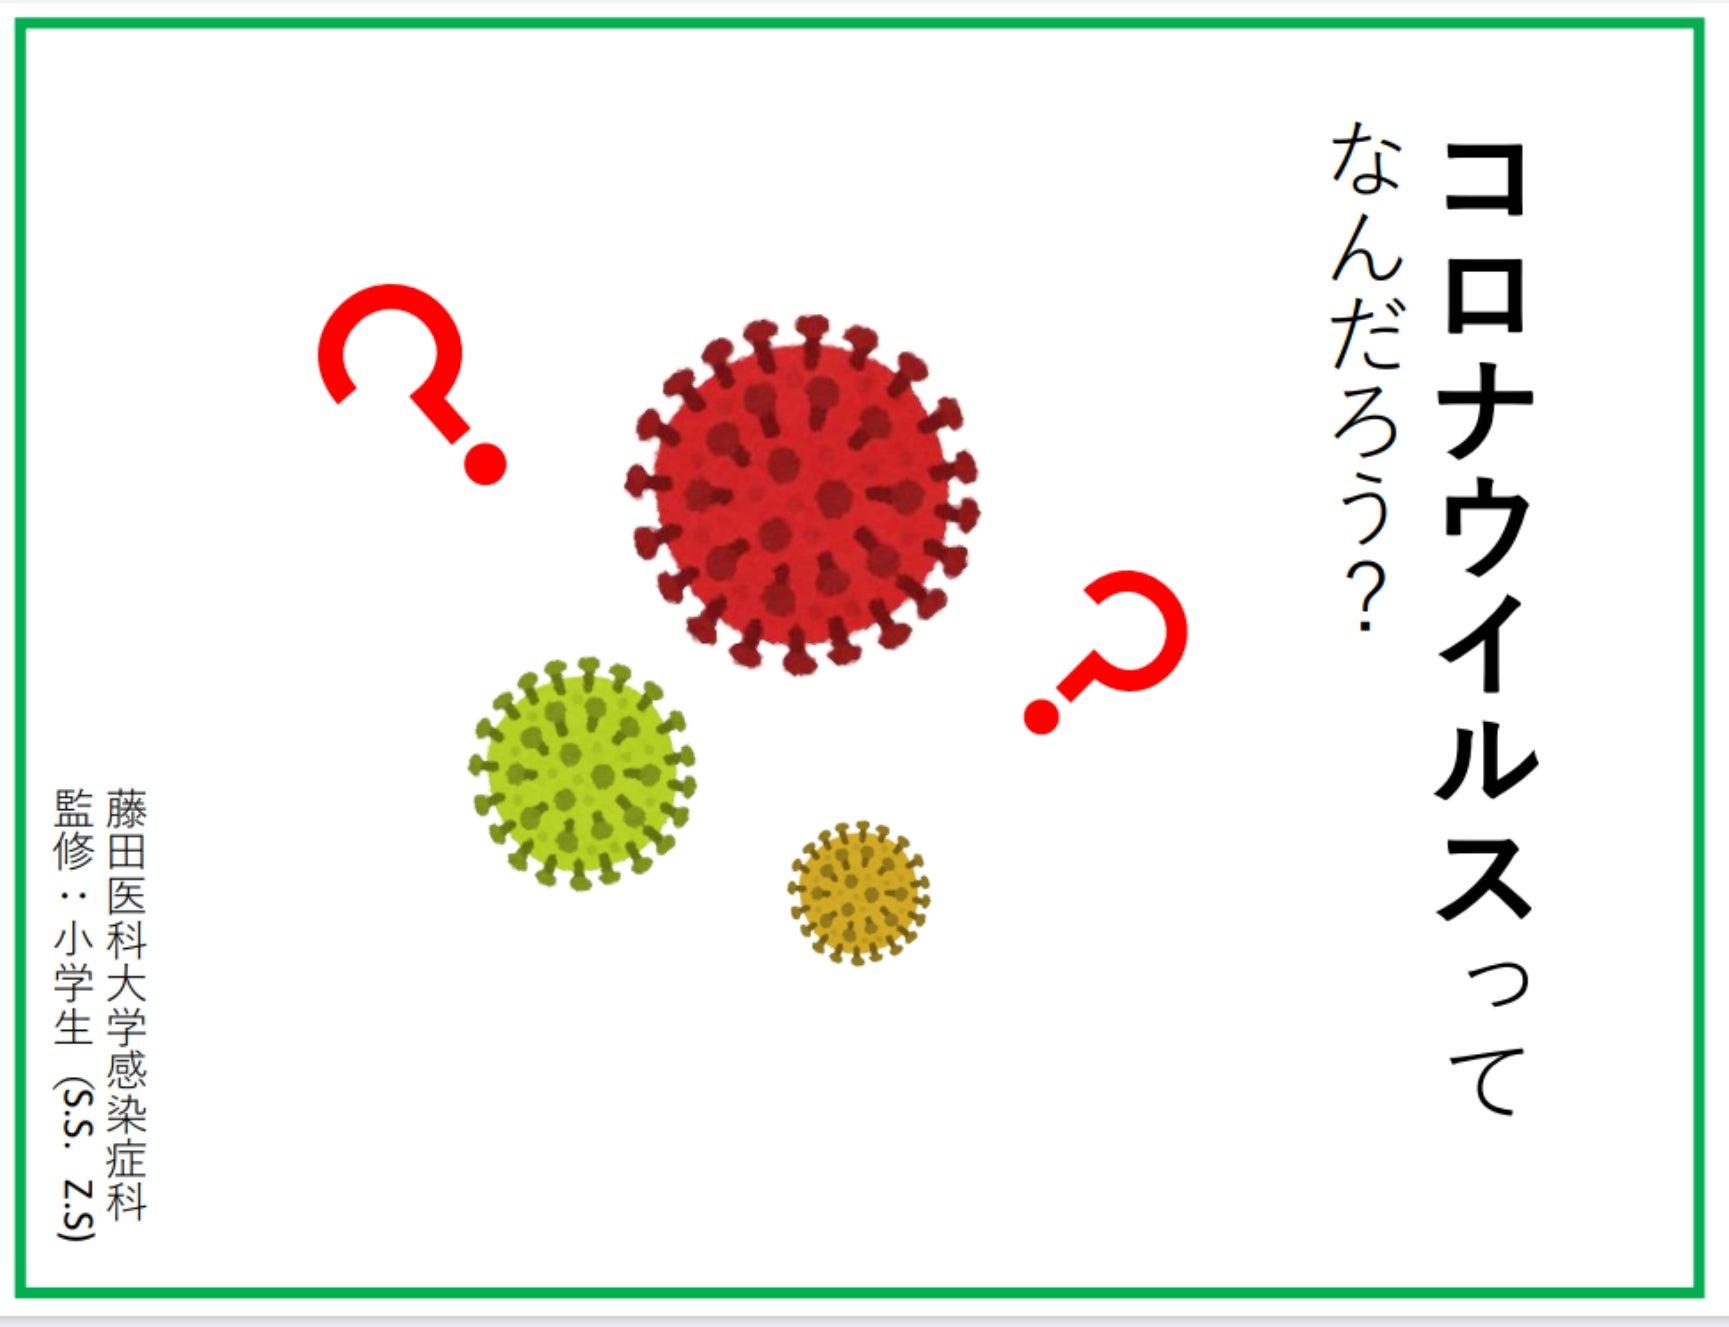 なんj コロナウイルス